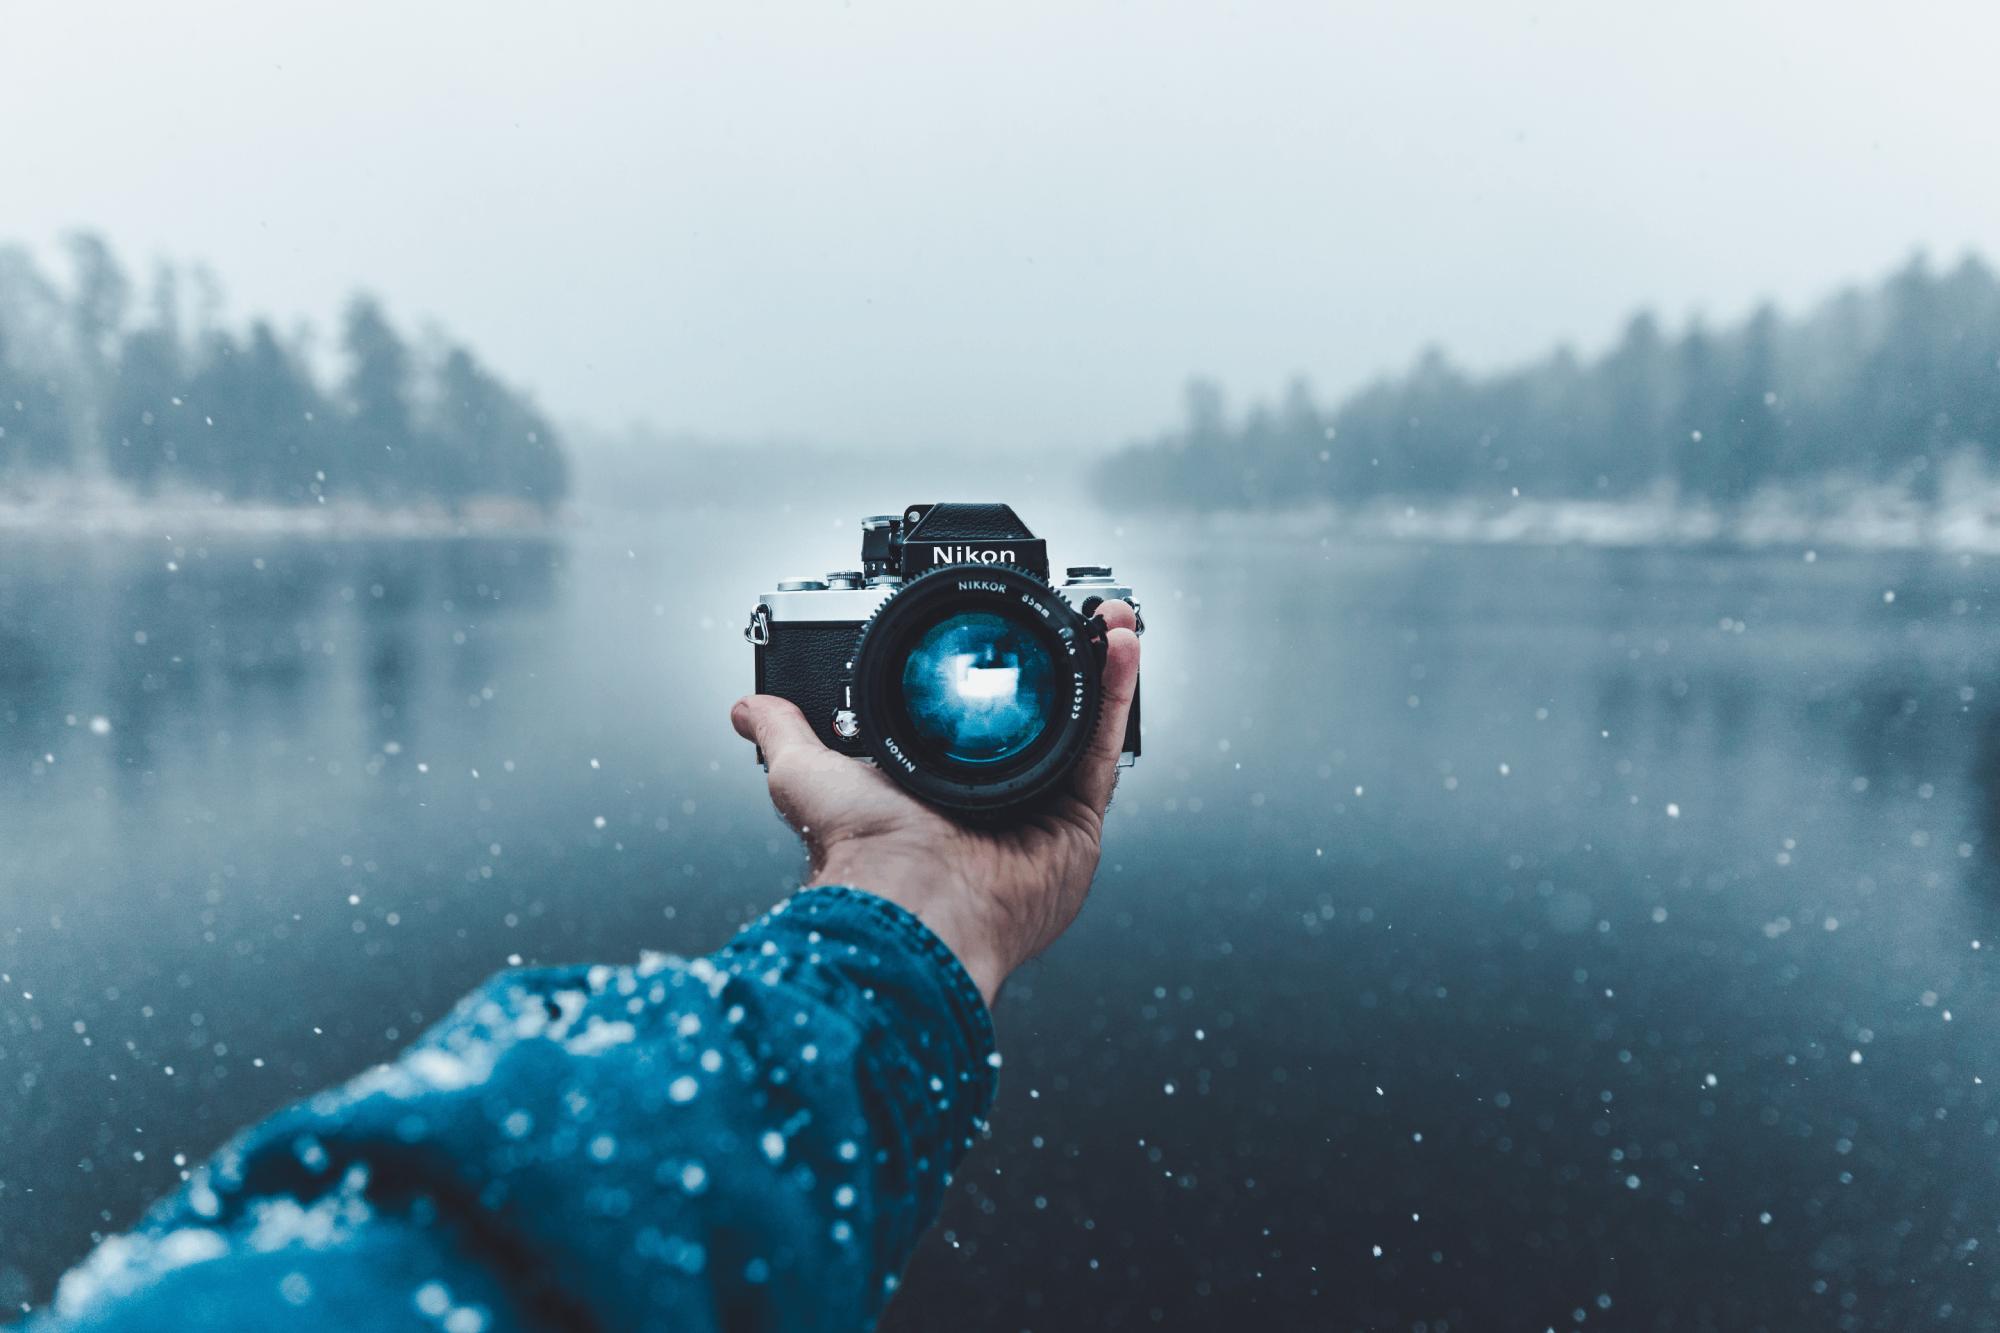 nikon vs canon vs sony cameras image